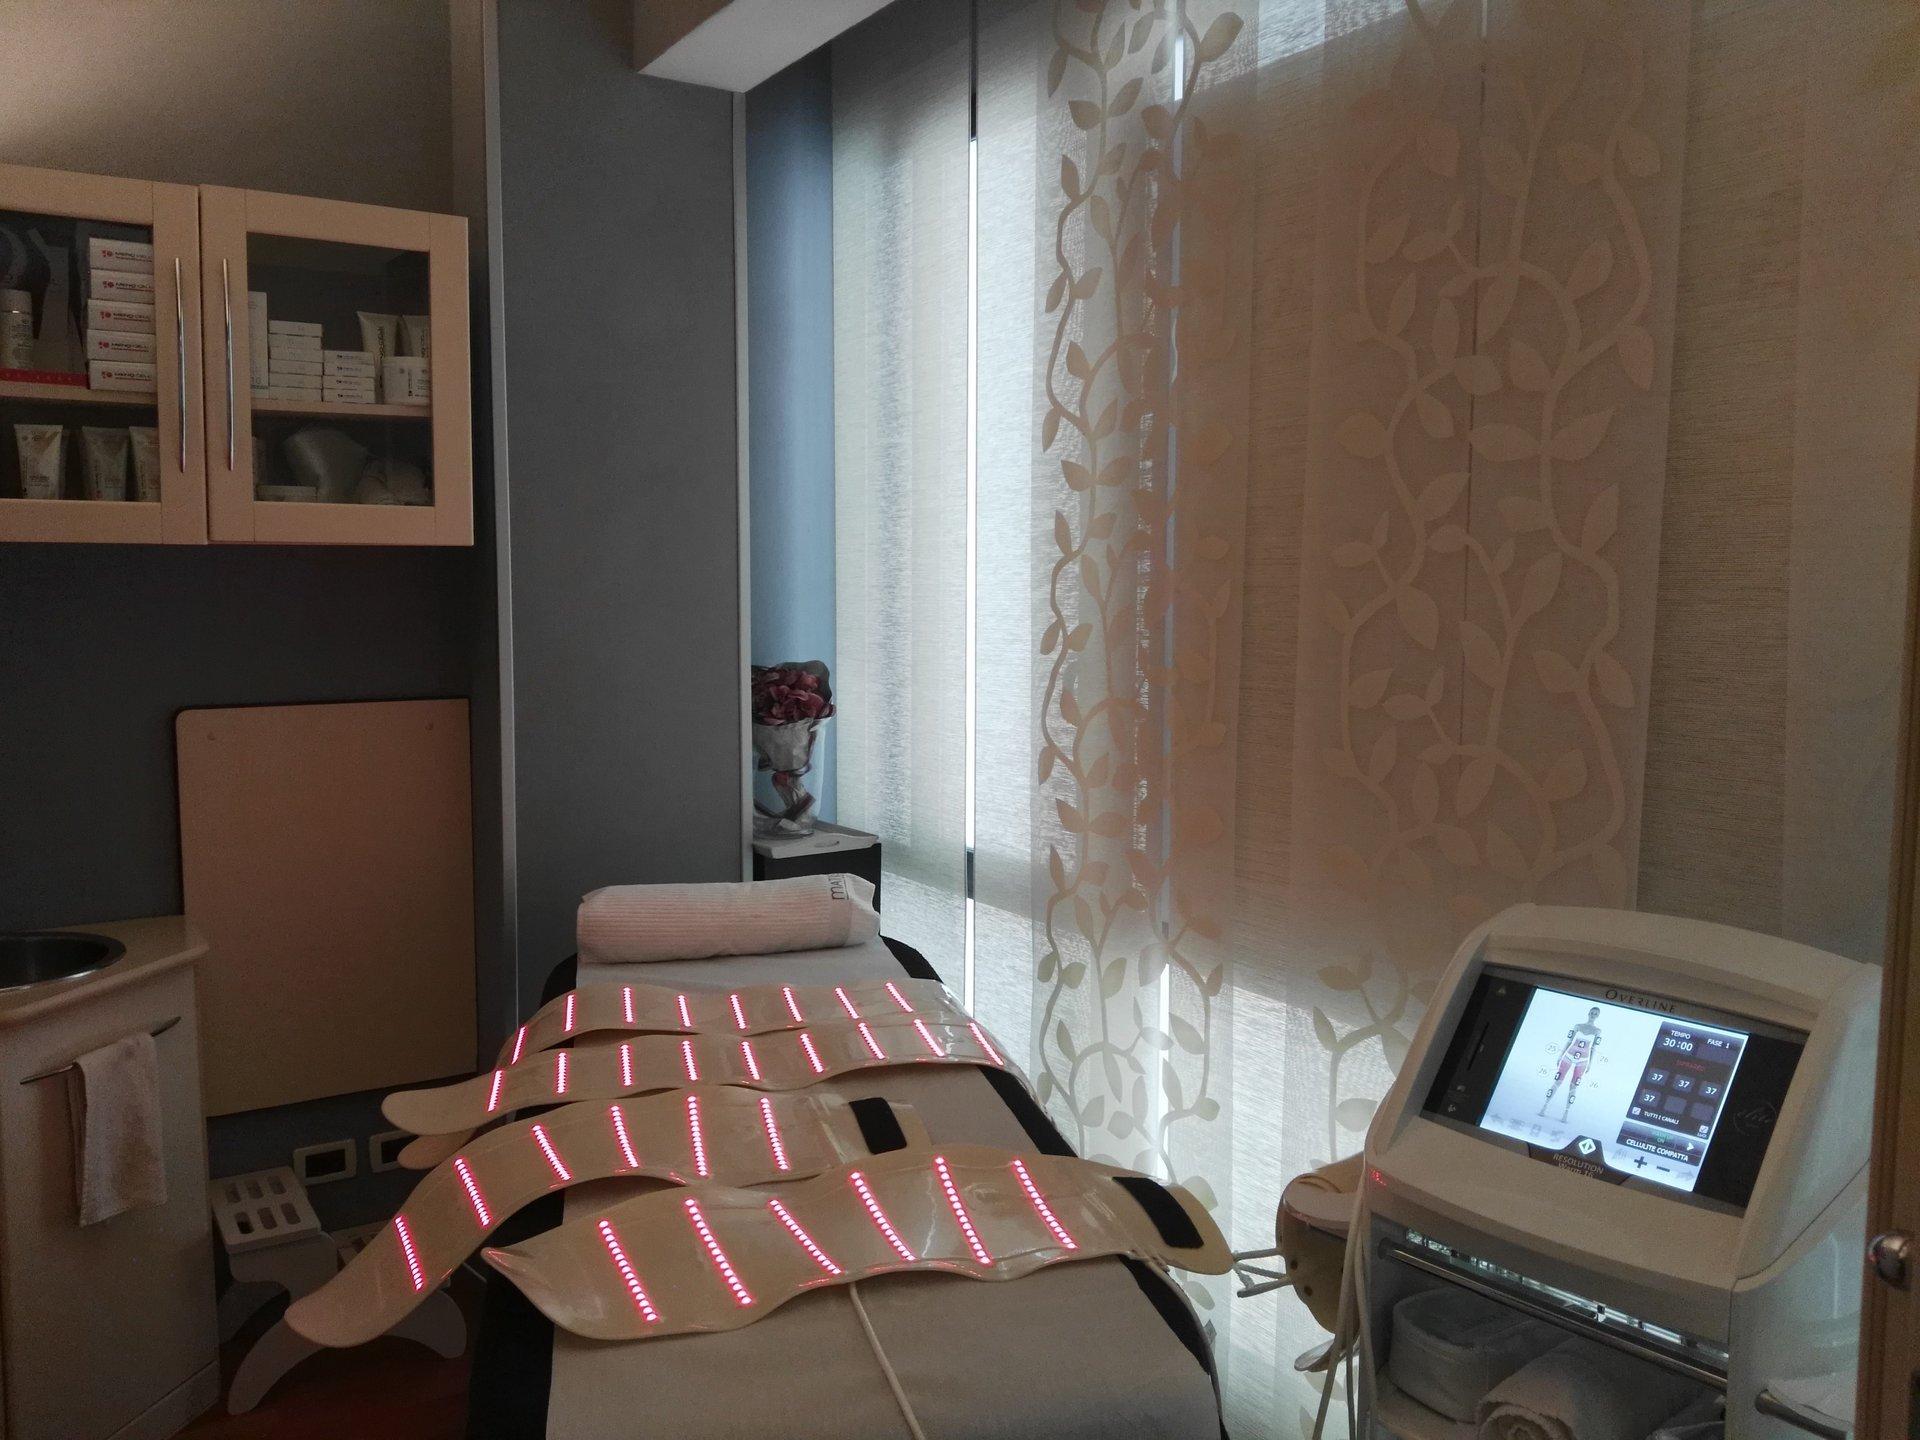 stanza di un centro estetico con lettino e strumenti laser